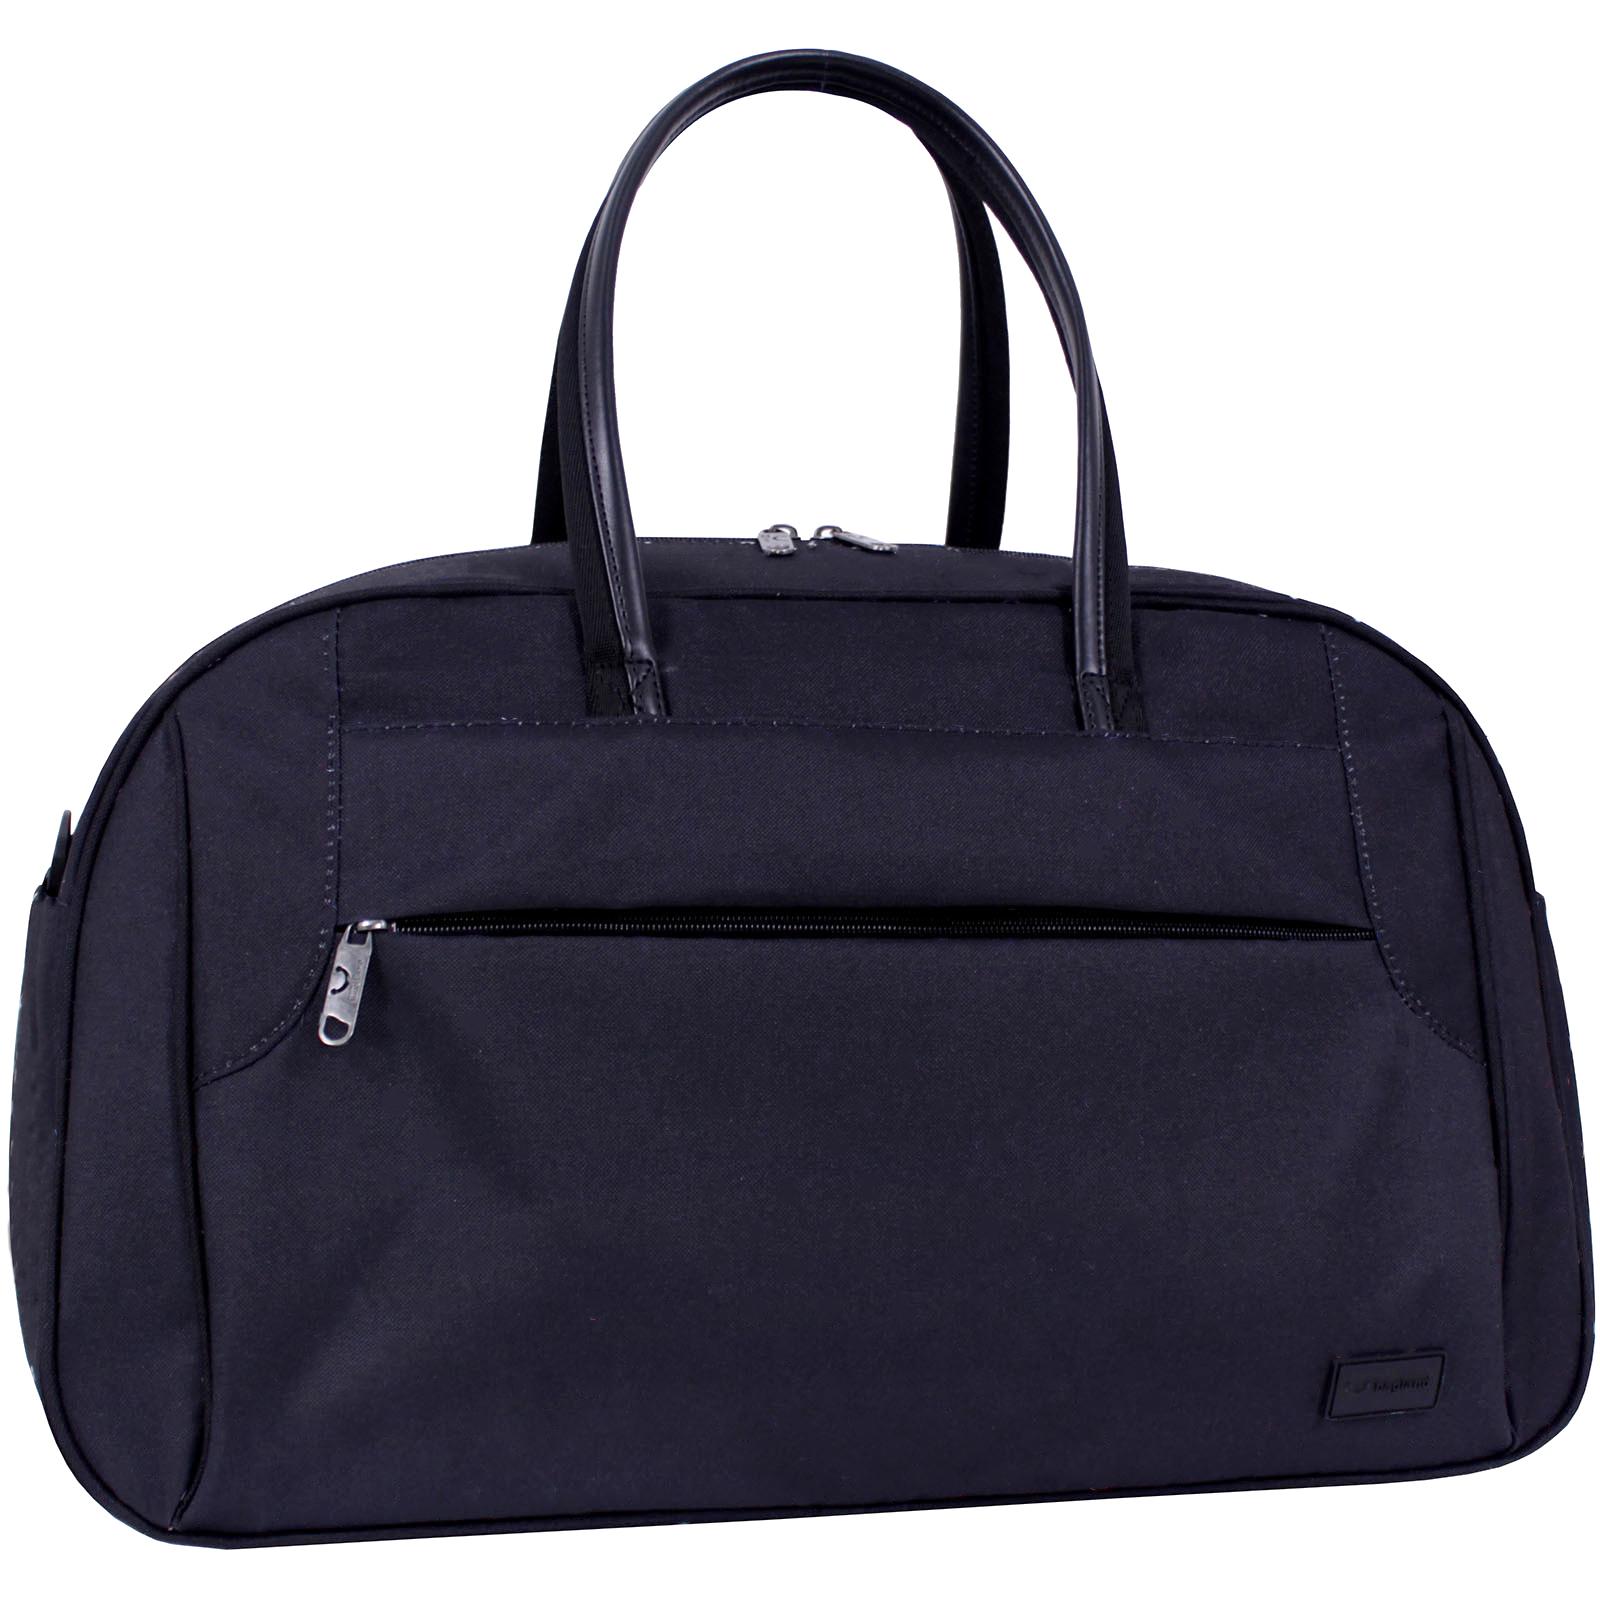 Спортивные сумки Сумка Bagland Тунис 34 л. Чёрный (0039066) IMG_7132_суб.462_.jpg